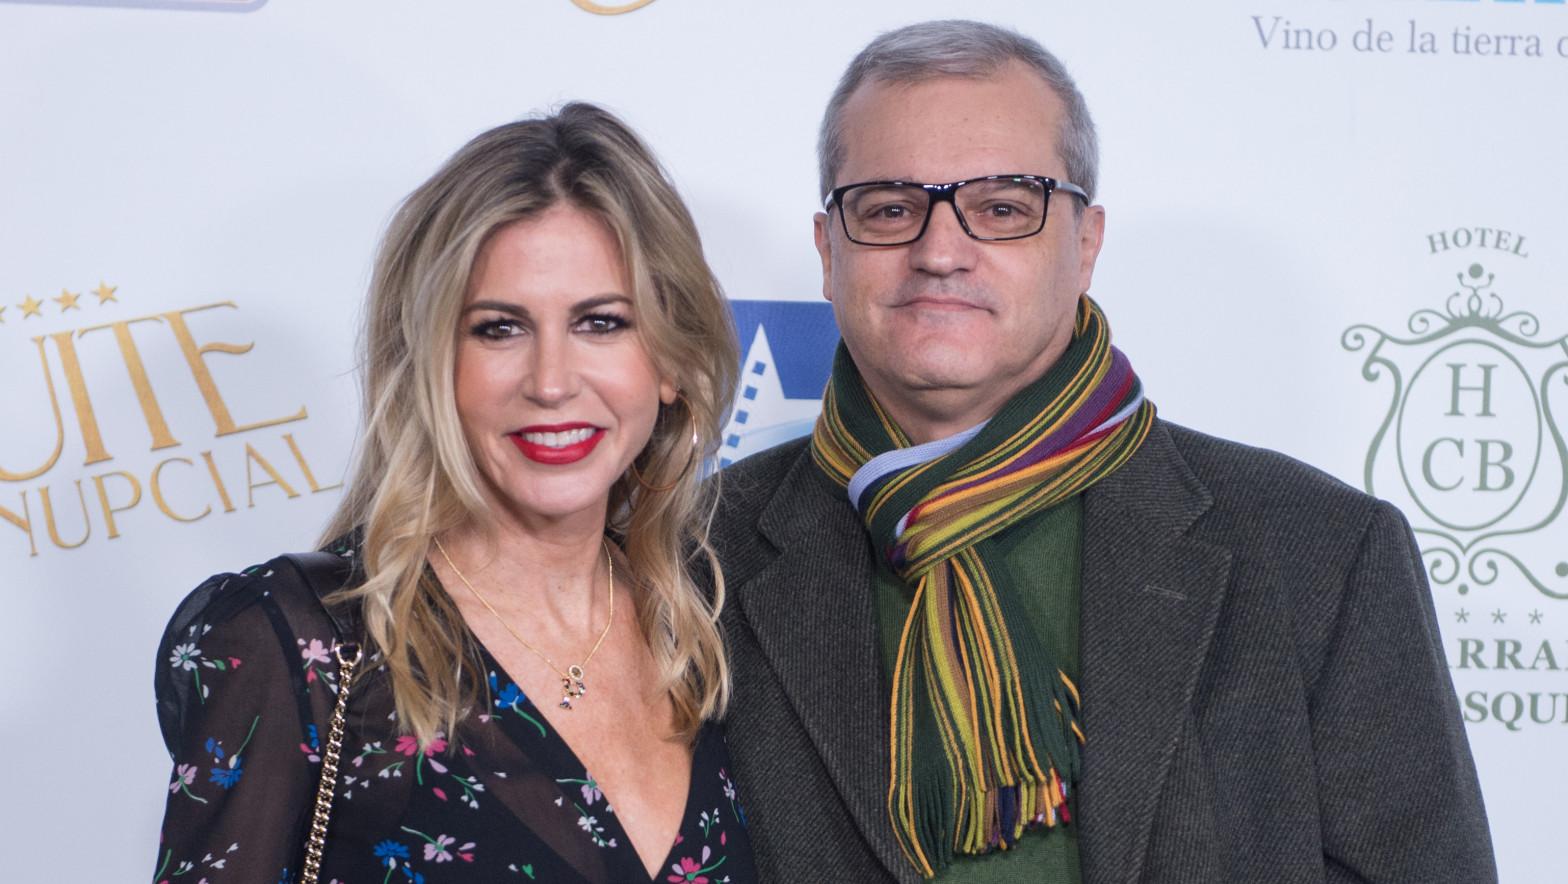 Ramón García y Patricia Cerezo se separan tras 24 años de matrimonio